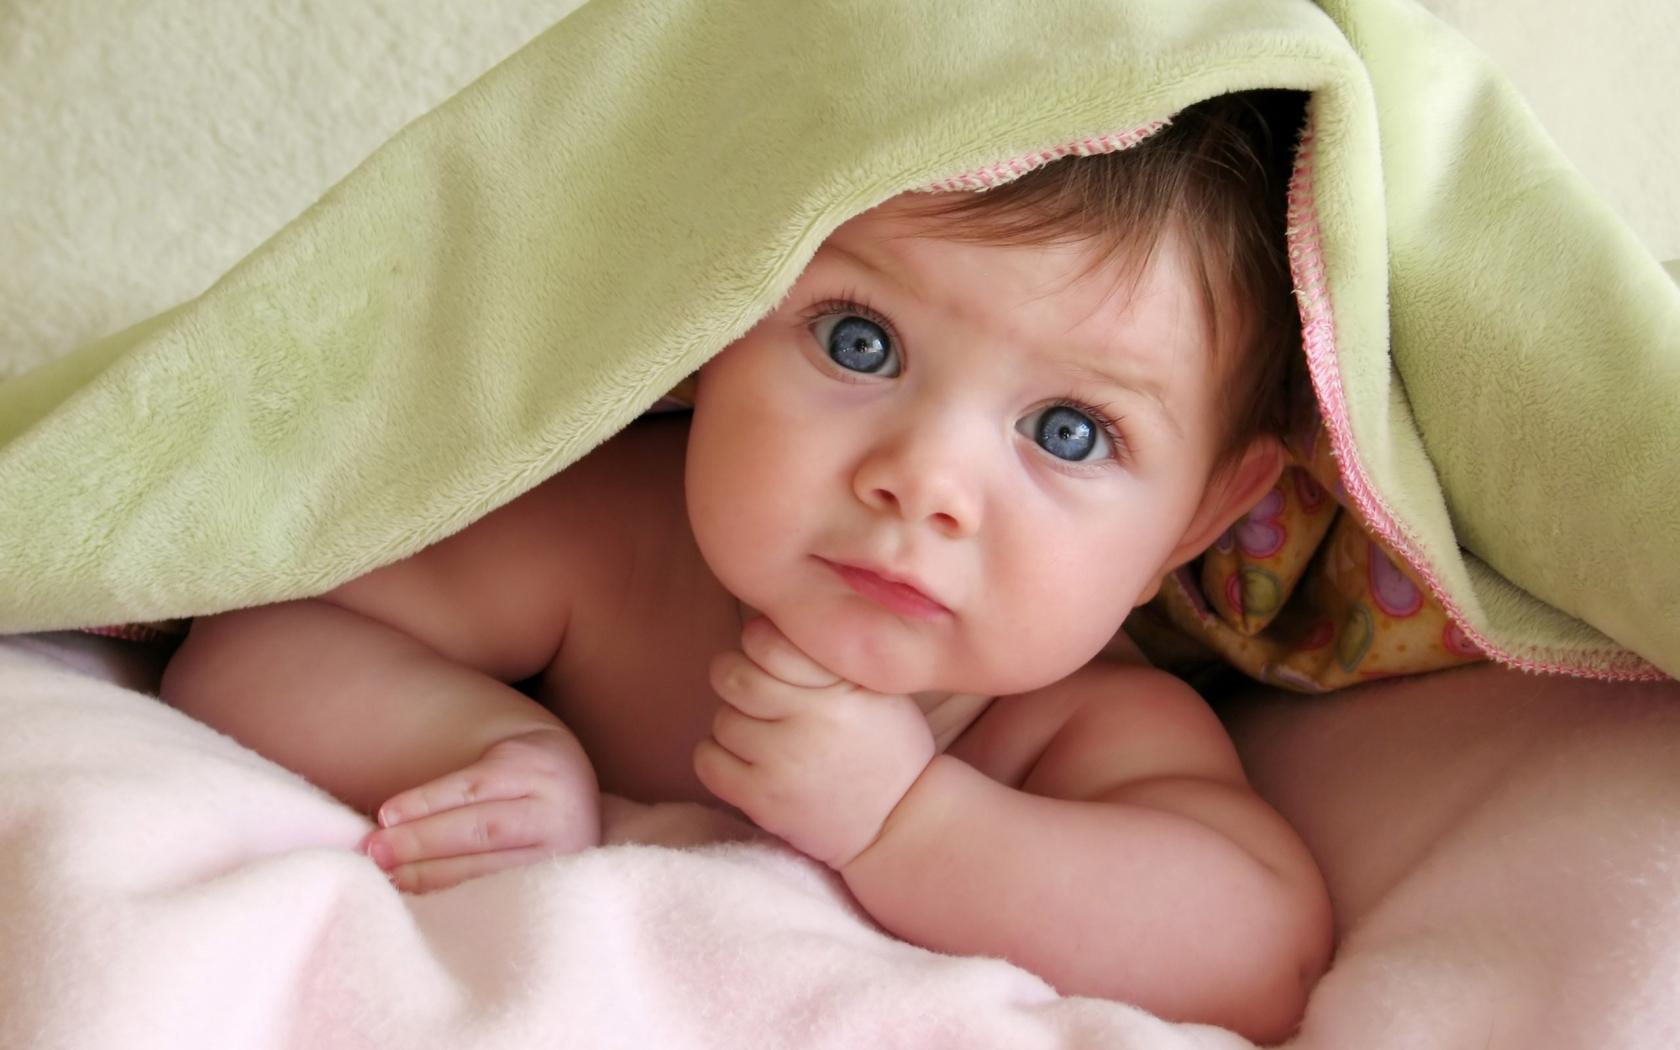 Un lindo bebe - 1680x1050